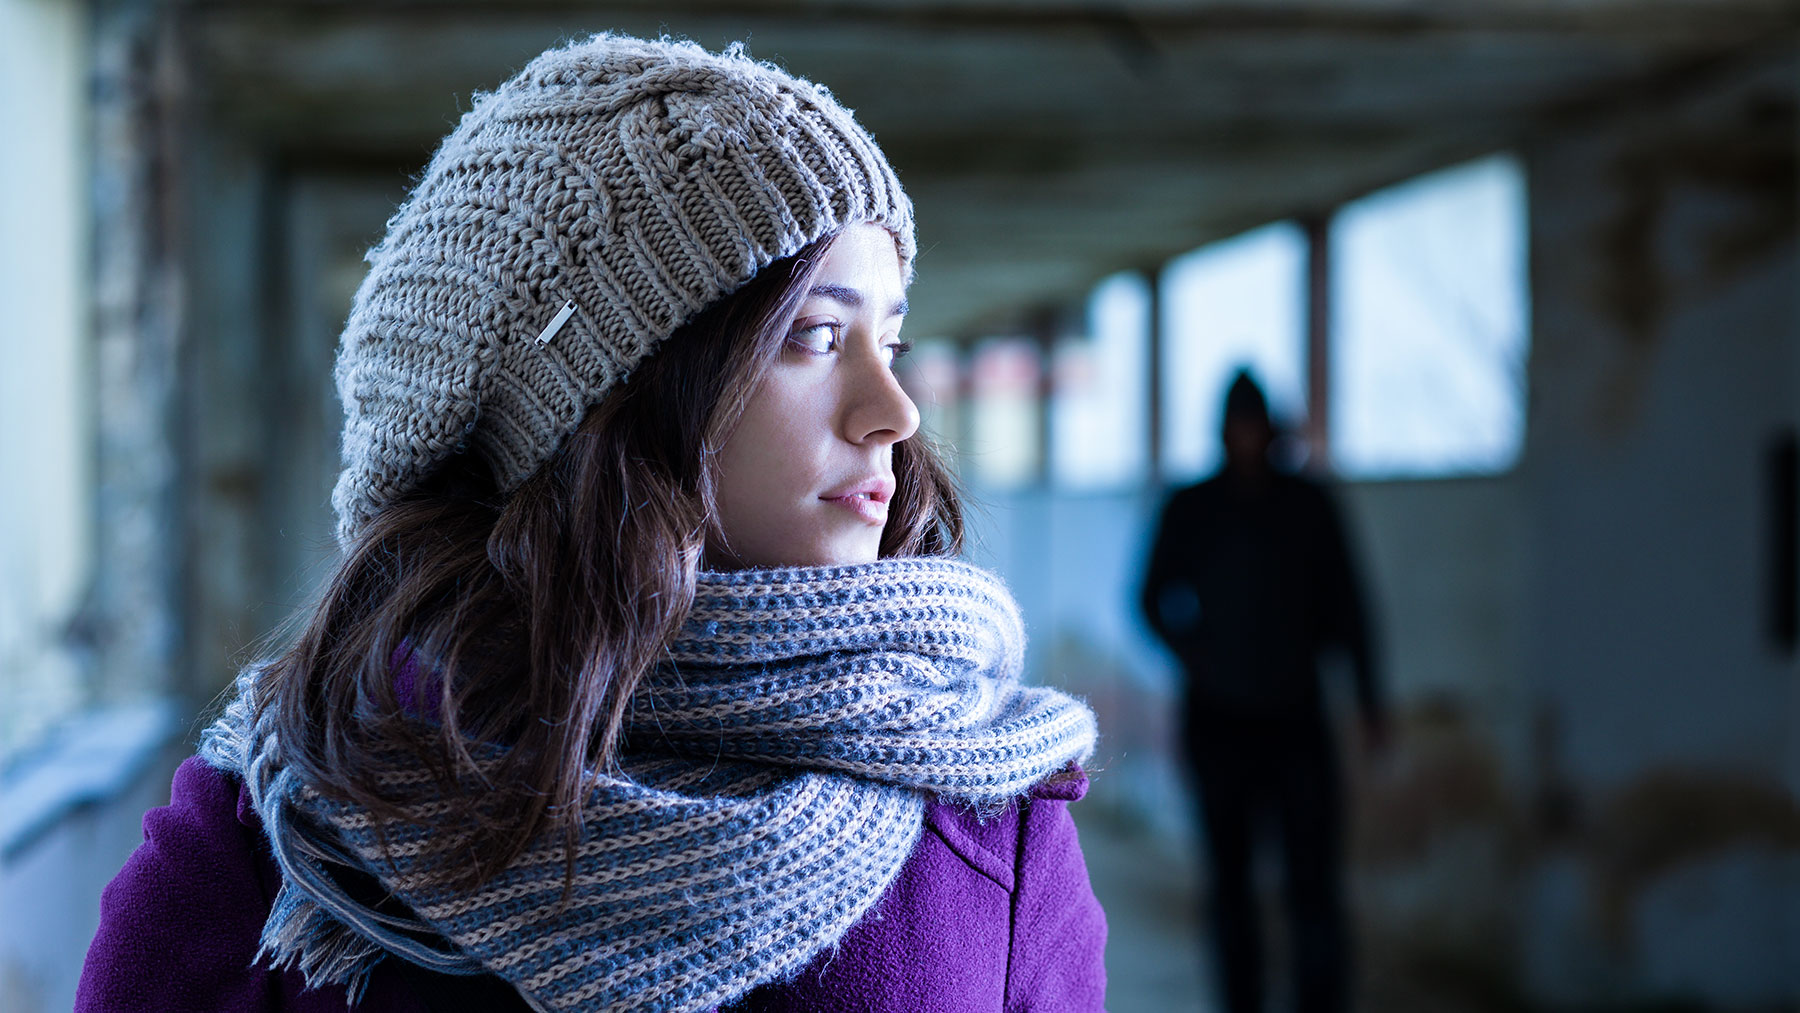 Meisje met muts en sjaal kijkt angstig opzij. Achter haar staat een donker figuur met kap op.